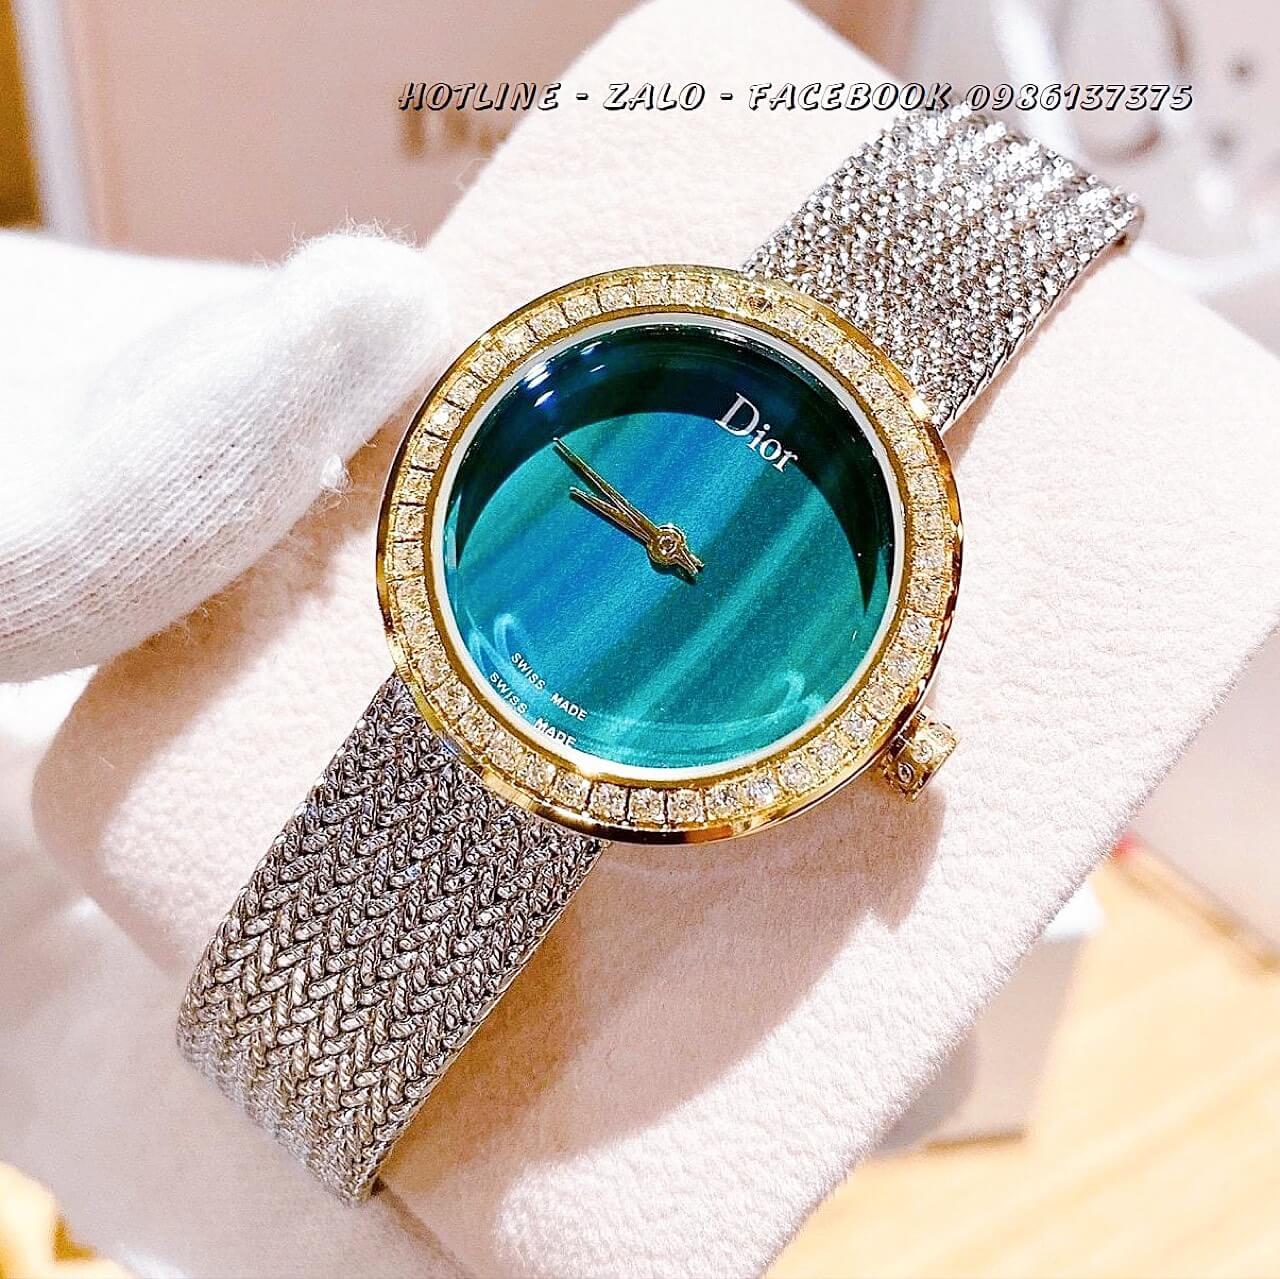 Đồng Hồ Dior Nữ Demi Bạc Mặt Xanh Ngọc 31mm